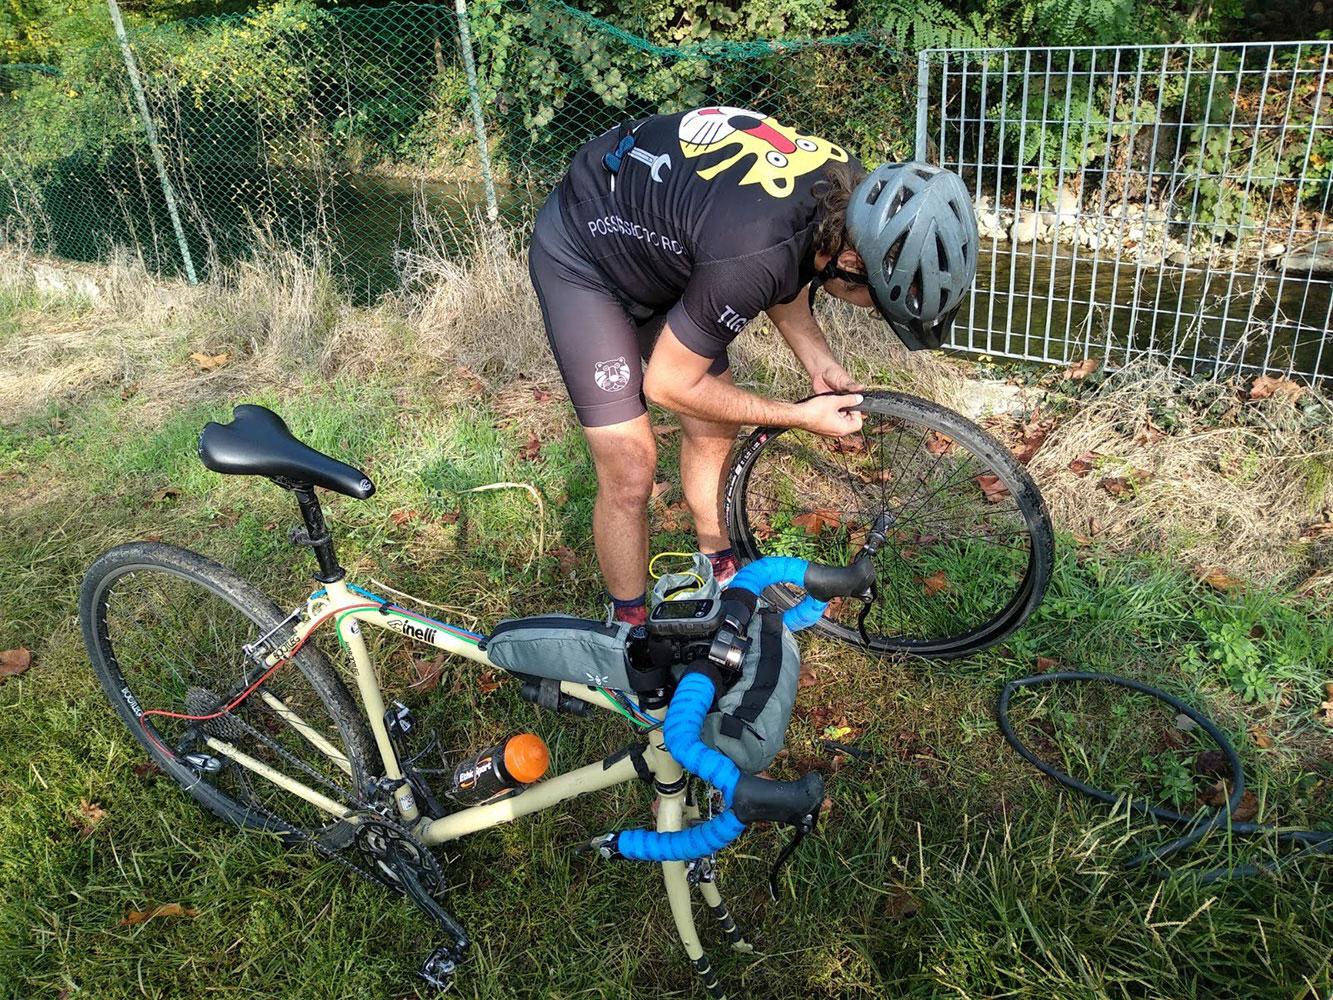 tiger bike club flat tire